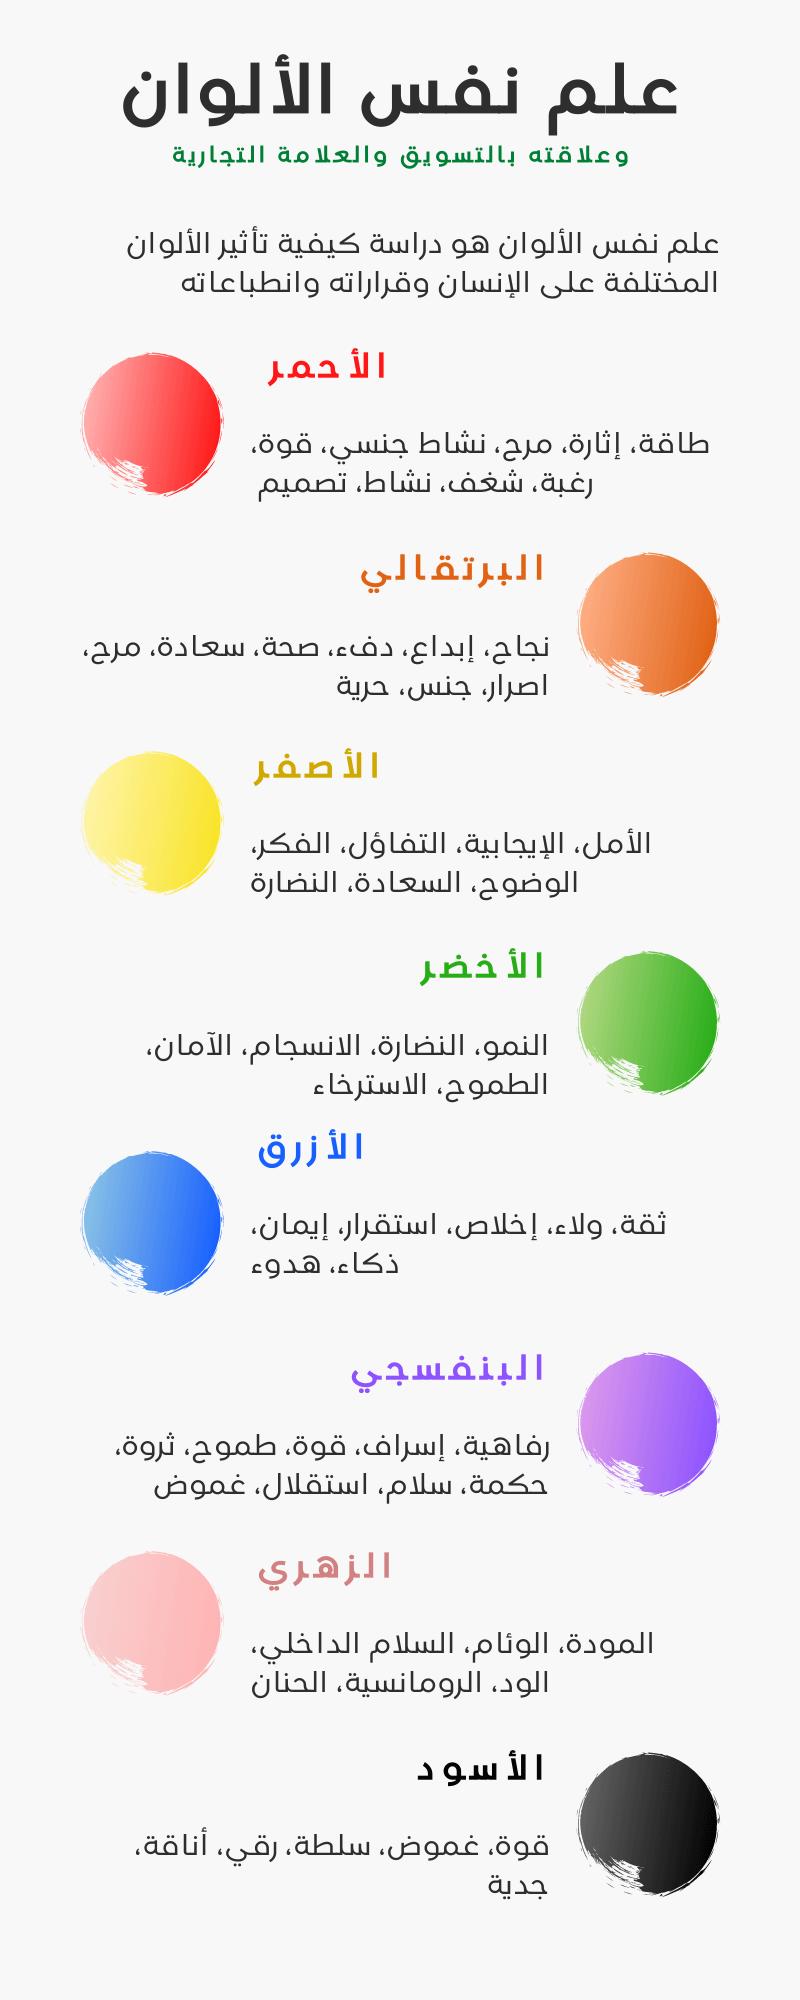 دلالات الألوان النفسية وربطها بالتسويق (انفوجرافيك)